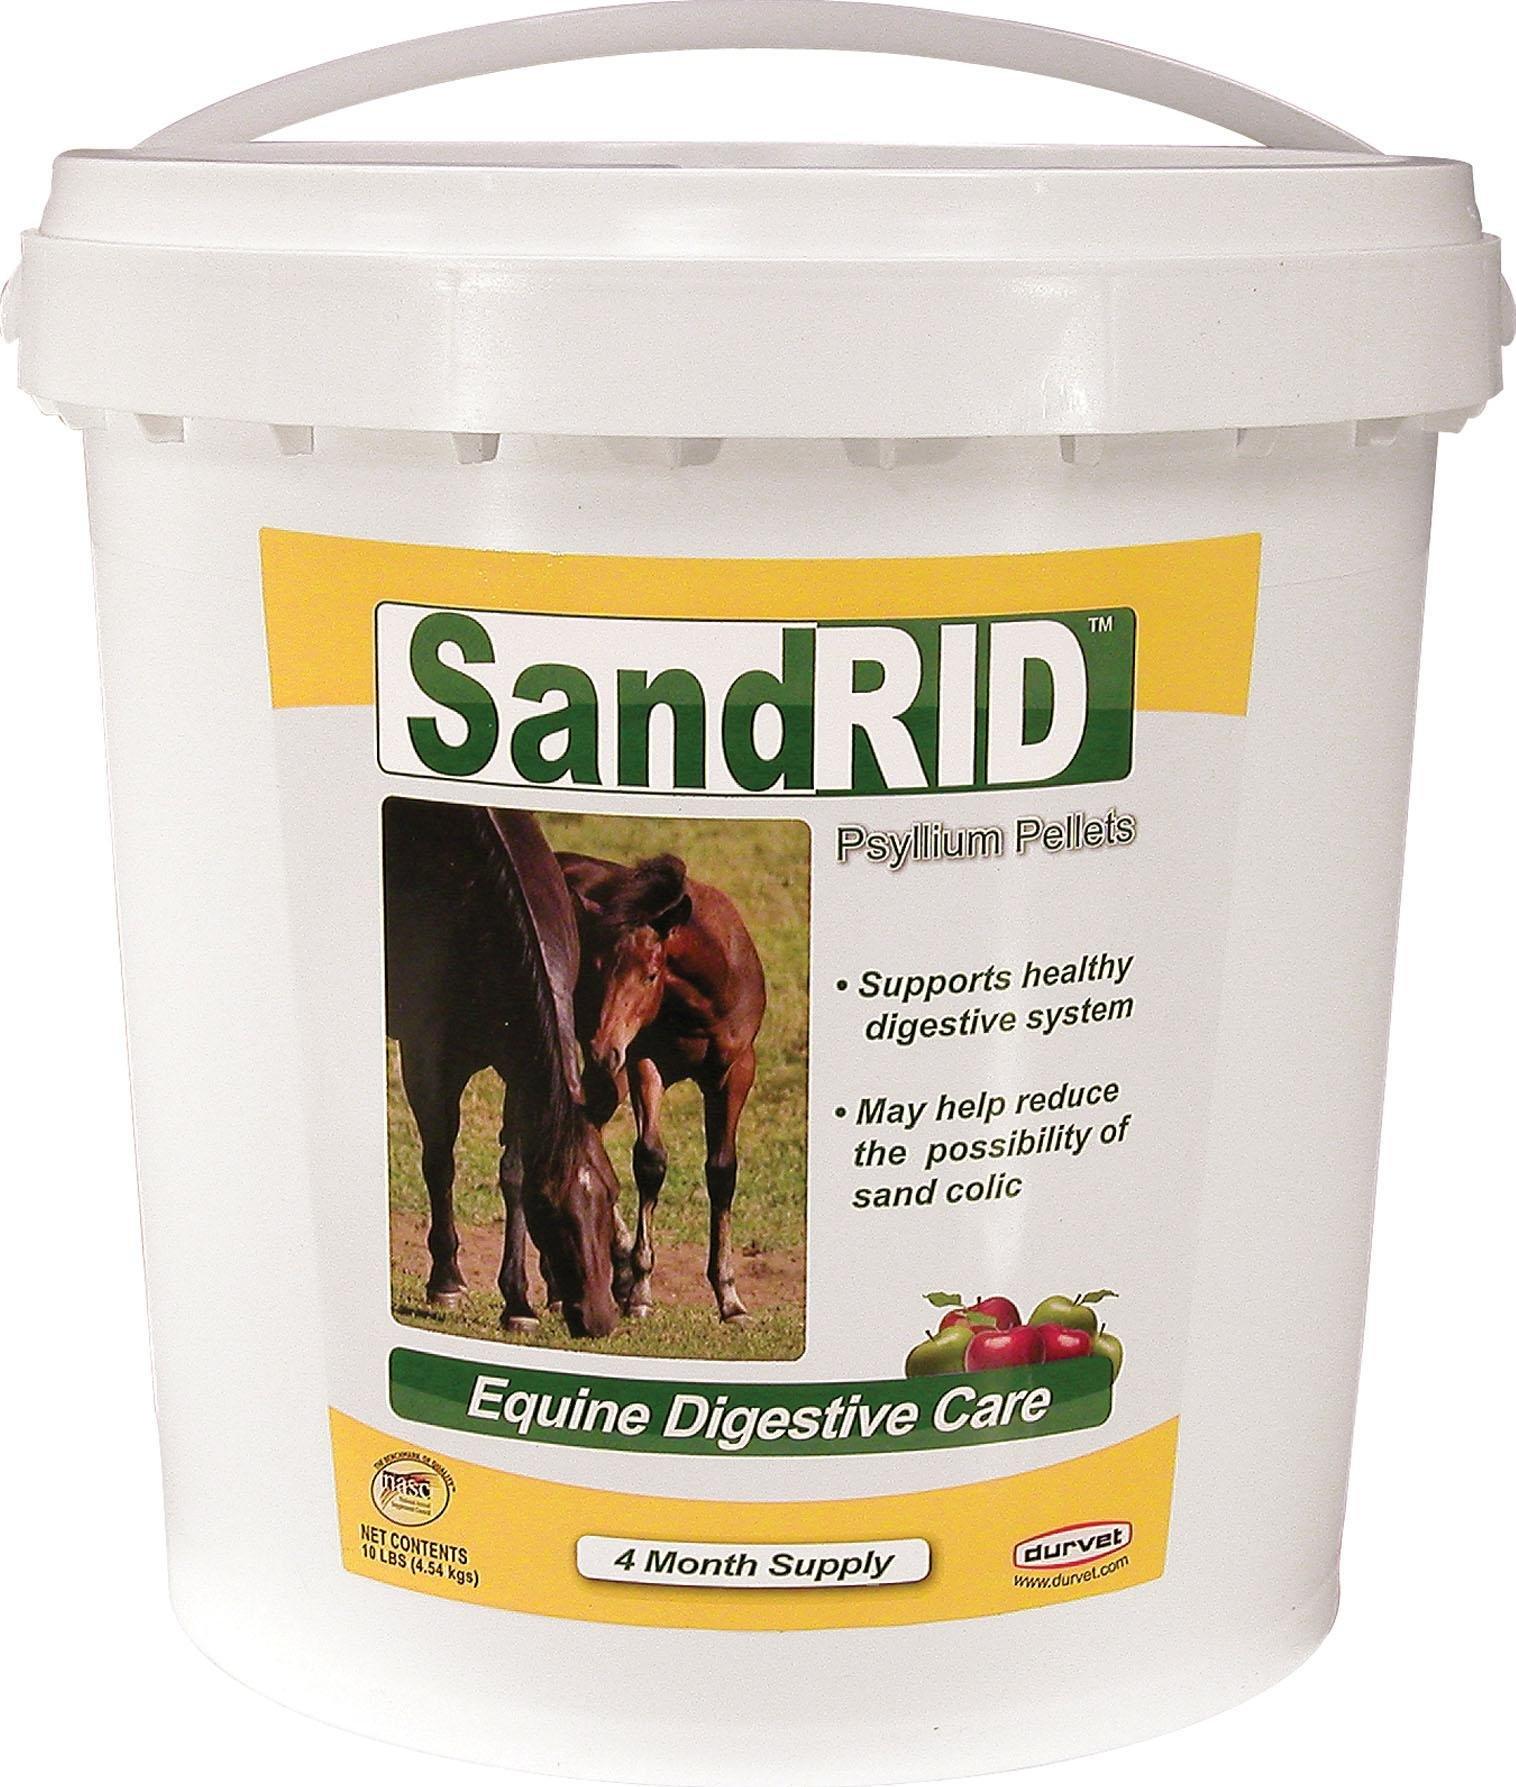 Sandrid Psyllium Pellets For Equine